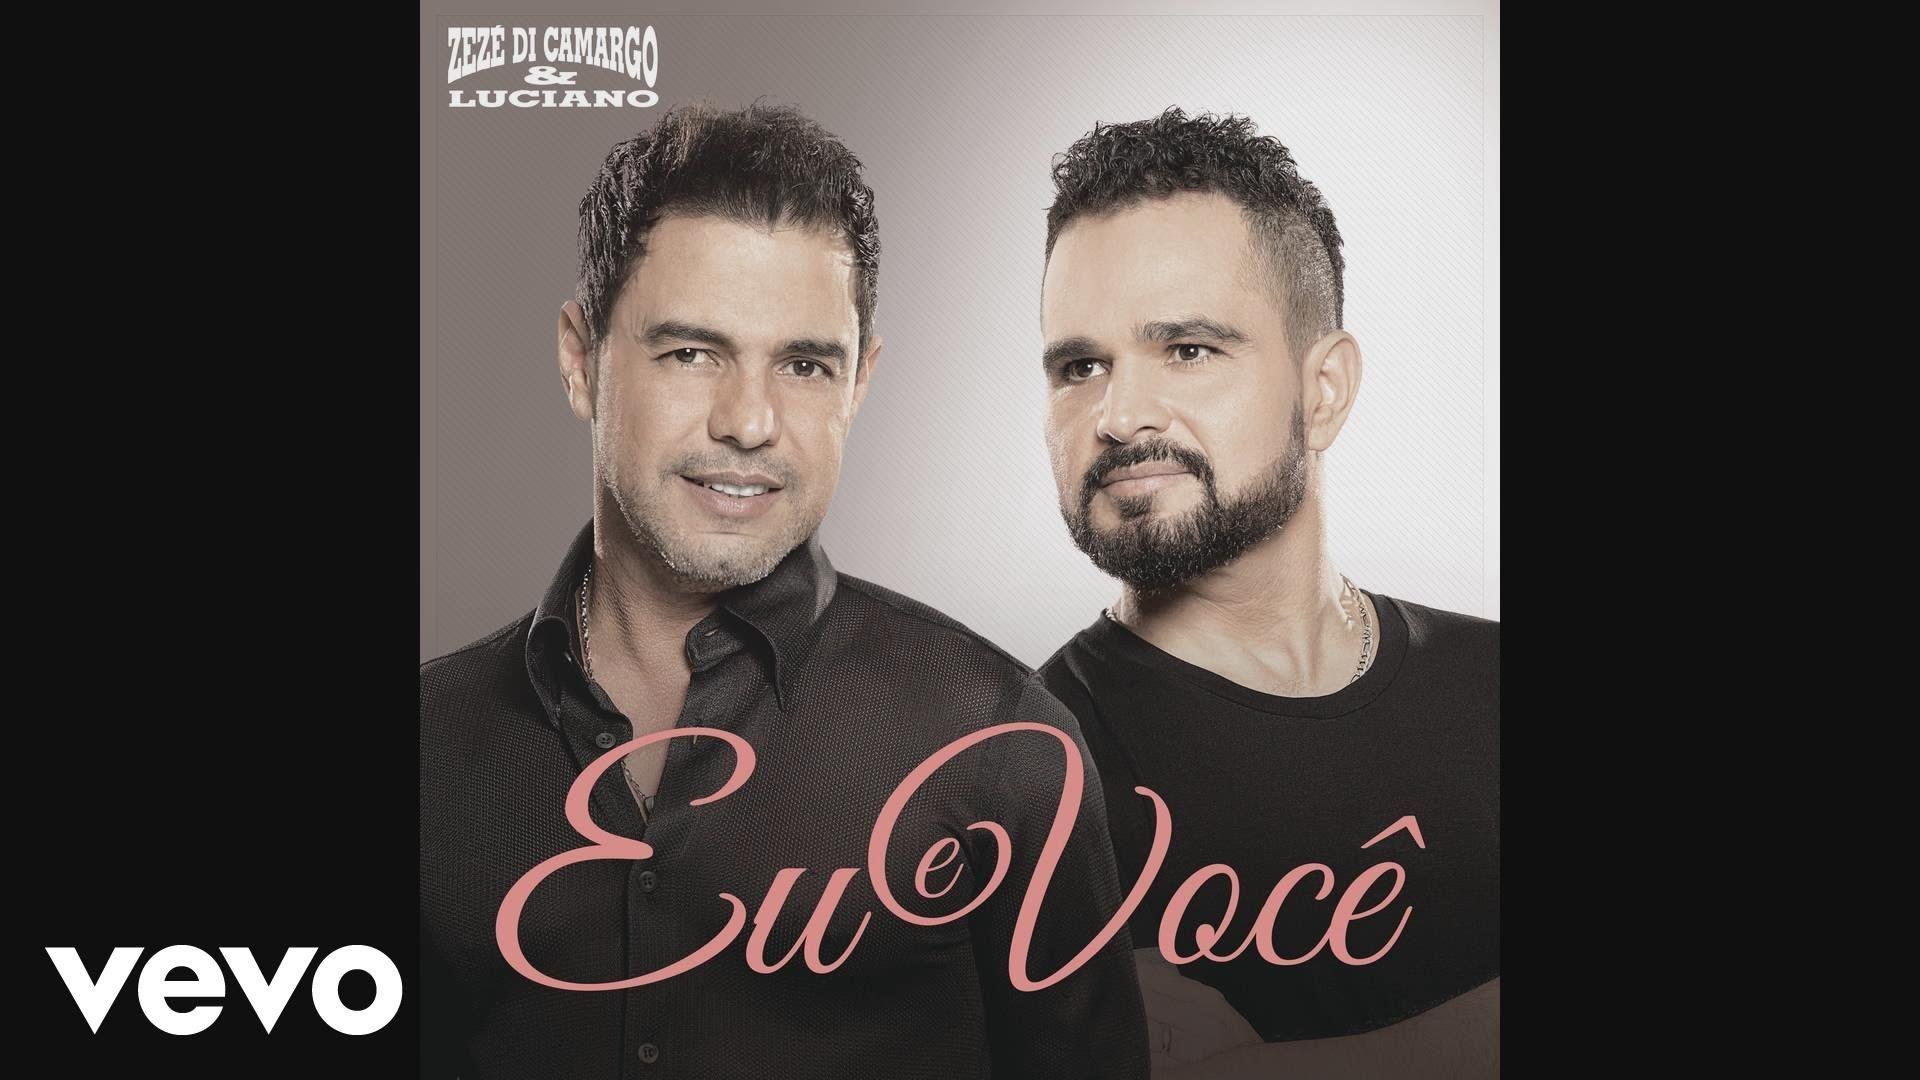 Zeze Di Camargo Luciano Eu E Voce Audio Oficial Com Imagens